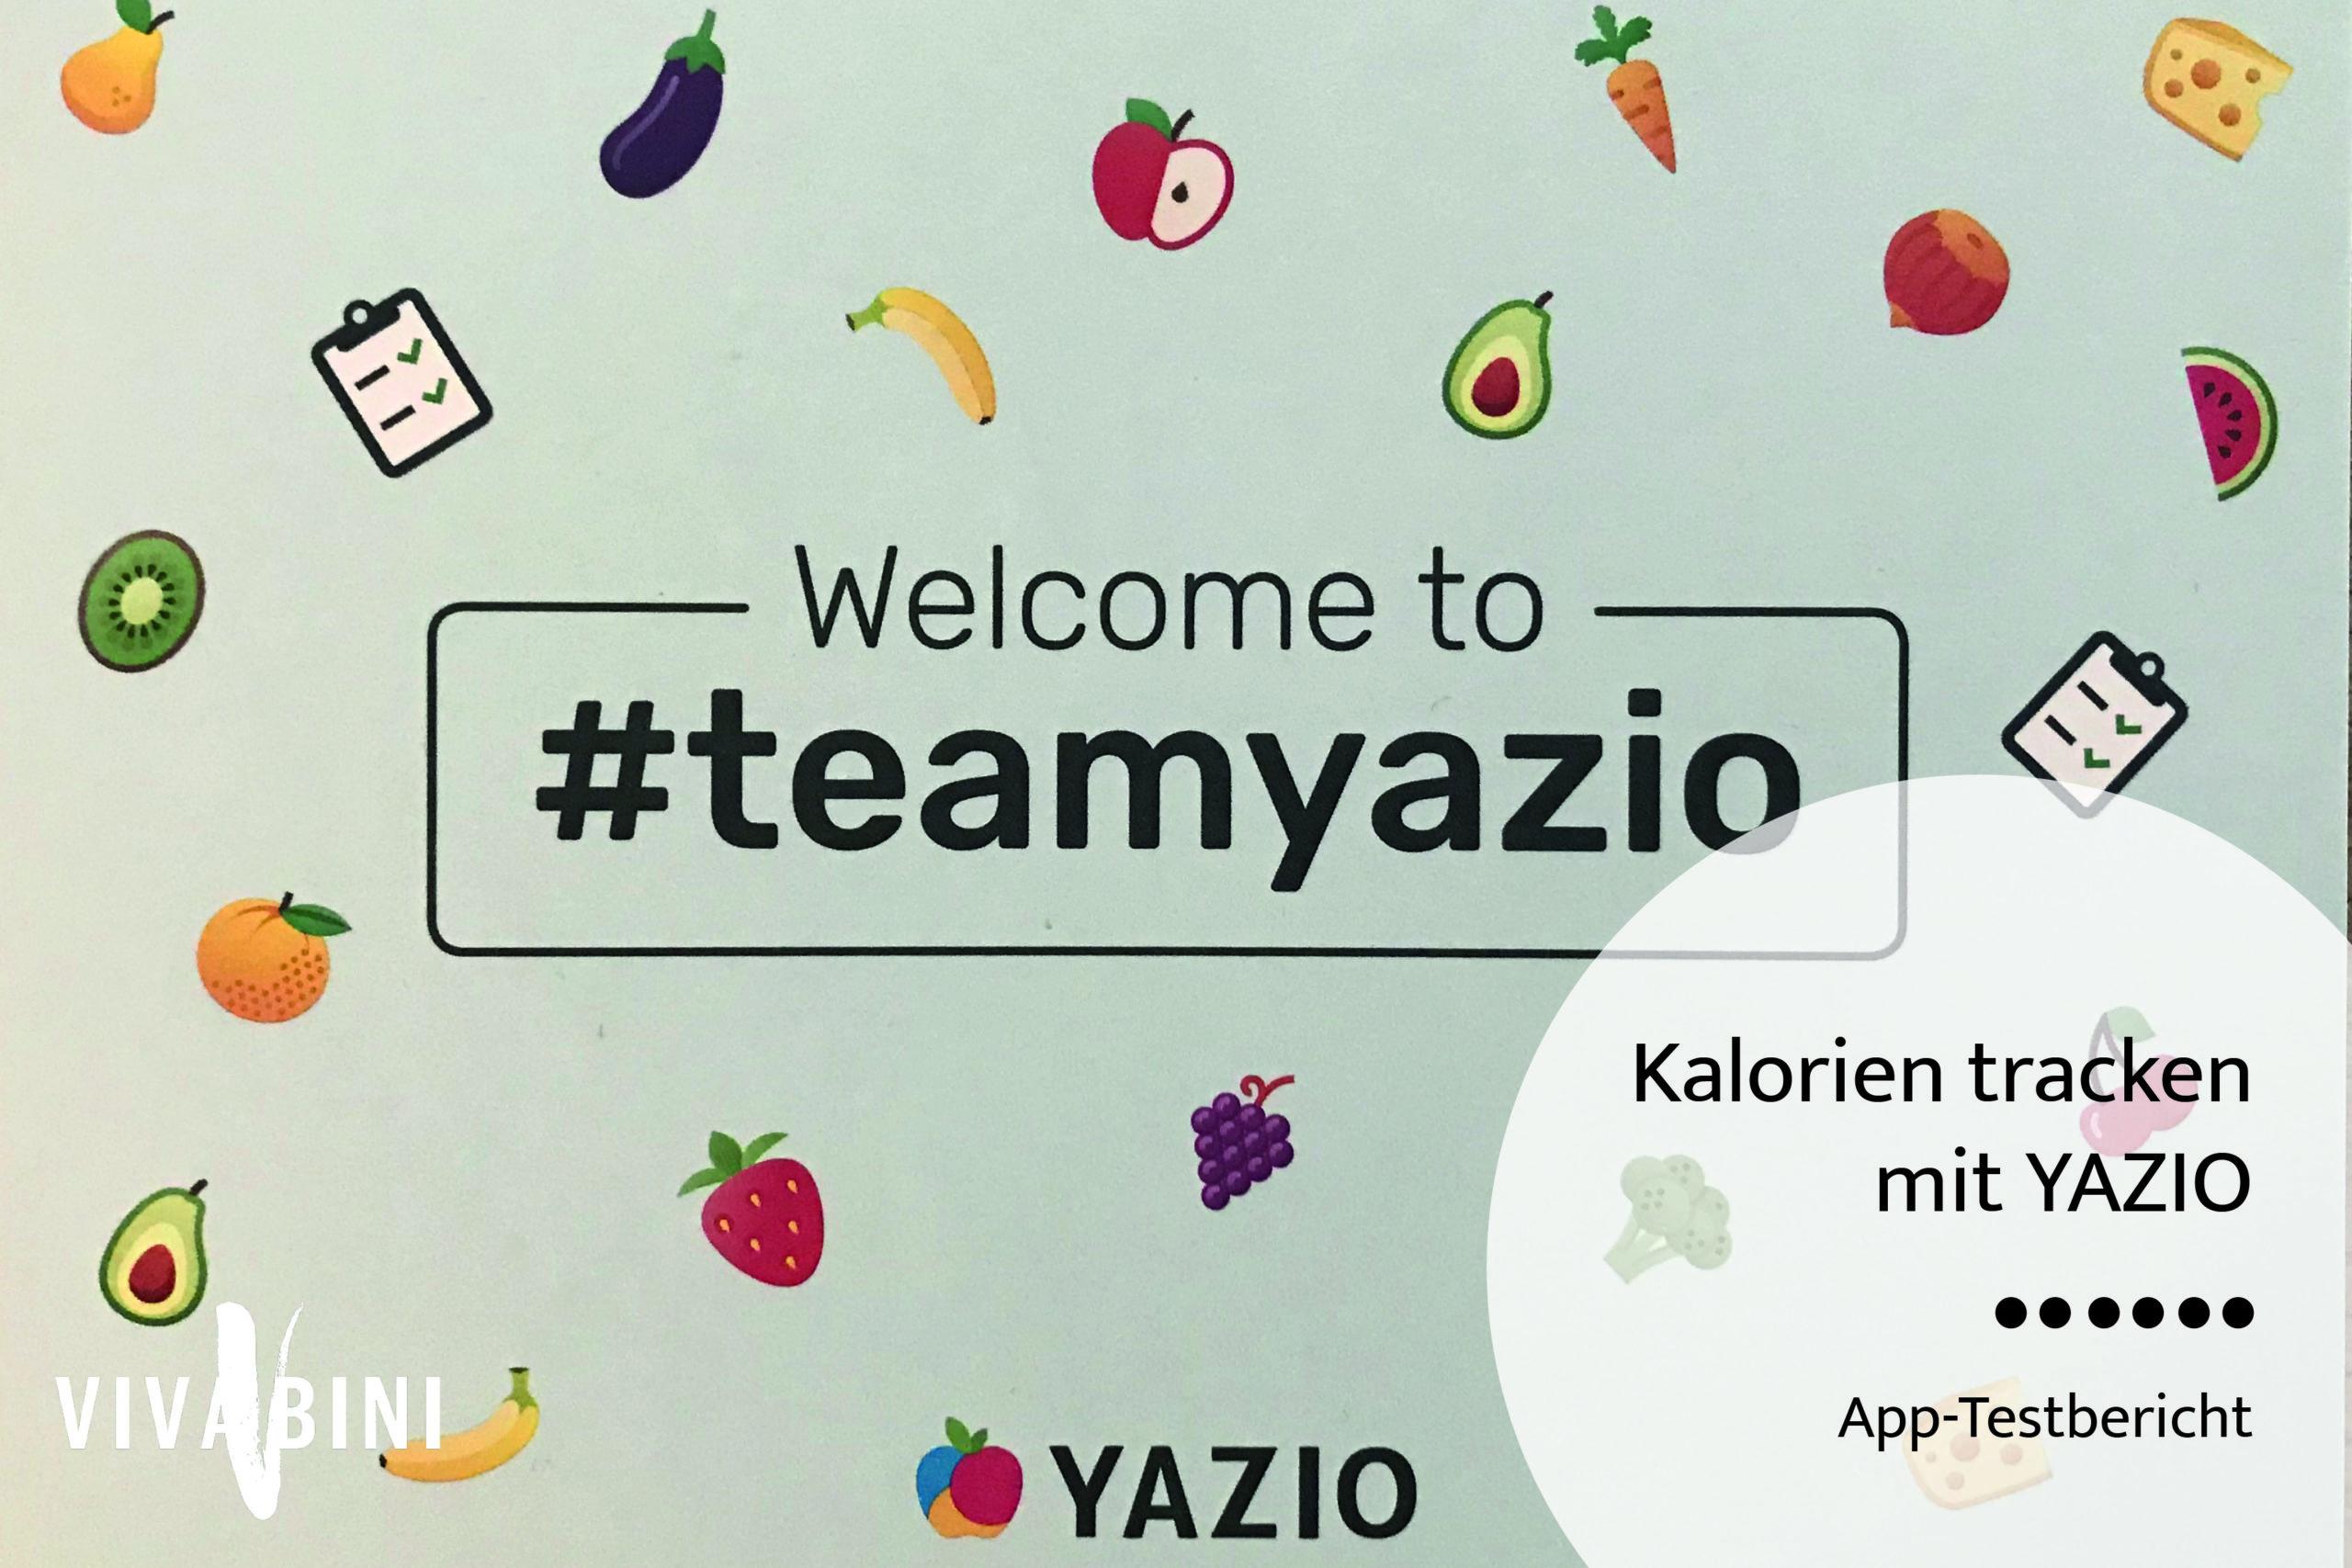 #teamyazio - YAZIO Erfahrung - ein Bericht zur Kalorienzähler-App